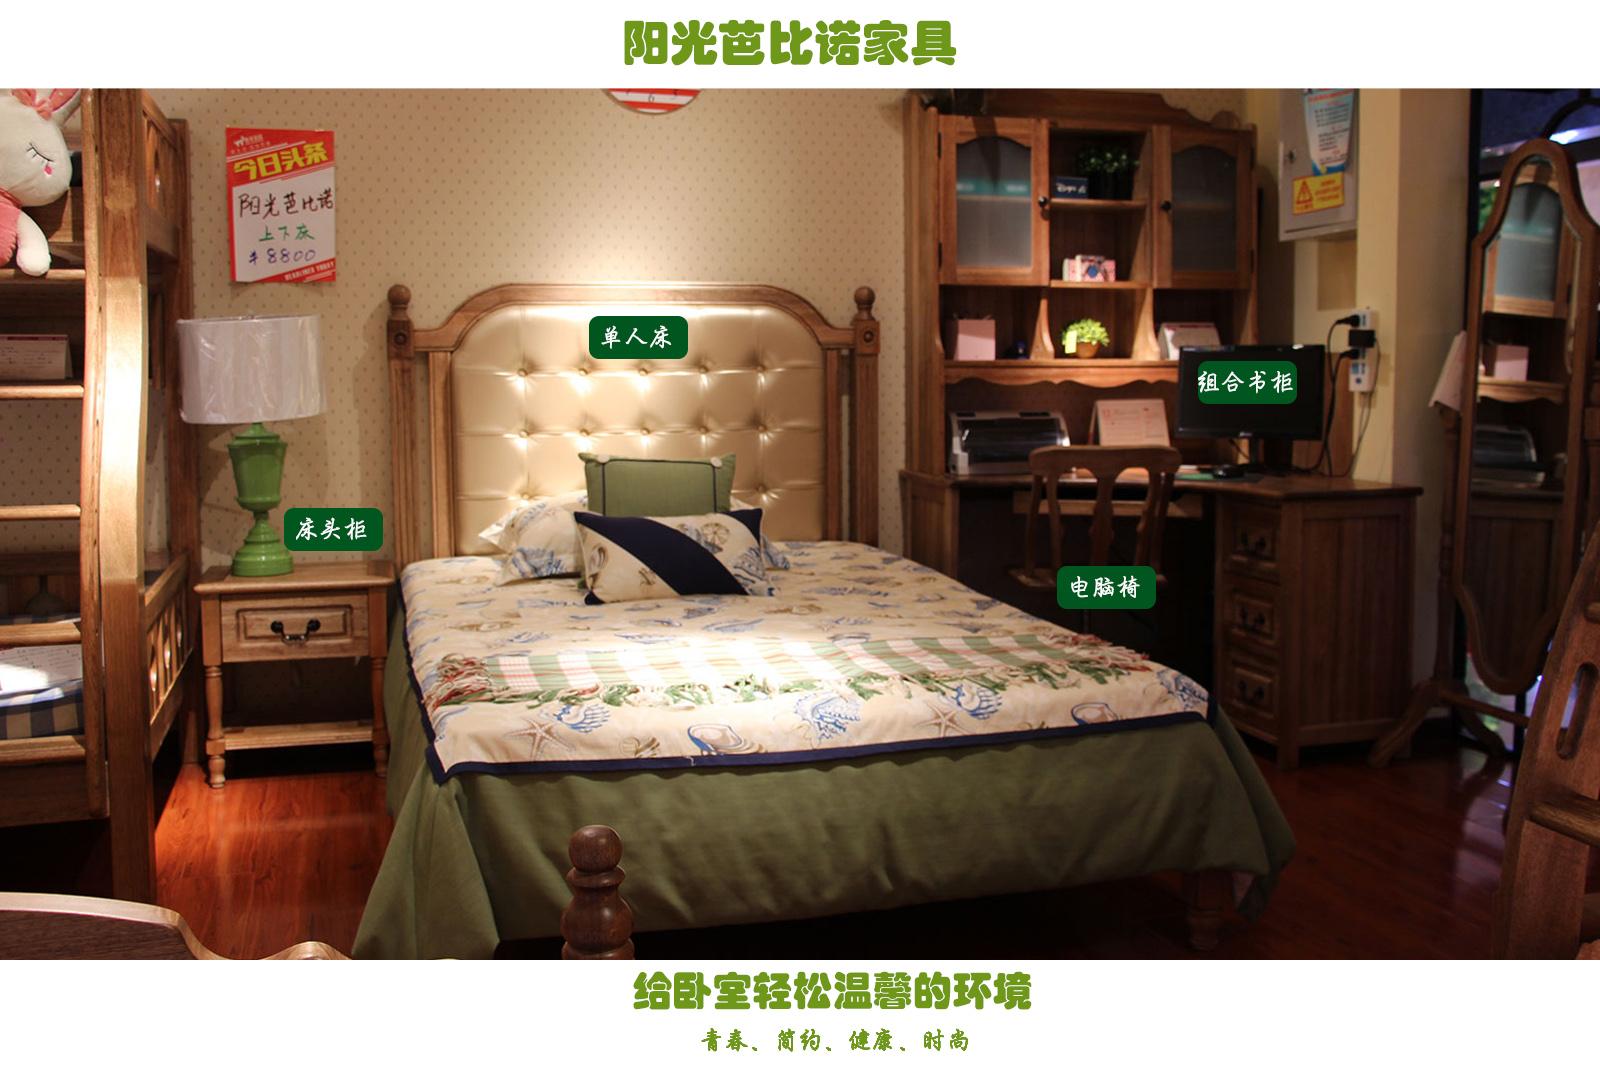 檀丝木卧室四件套给你清新卧室舒适睡眠